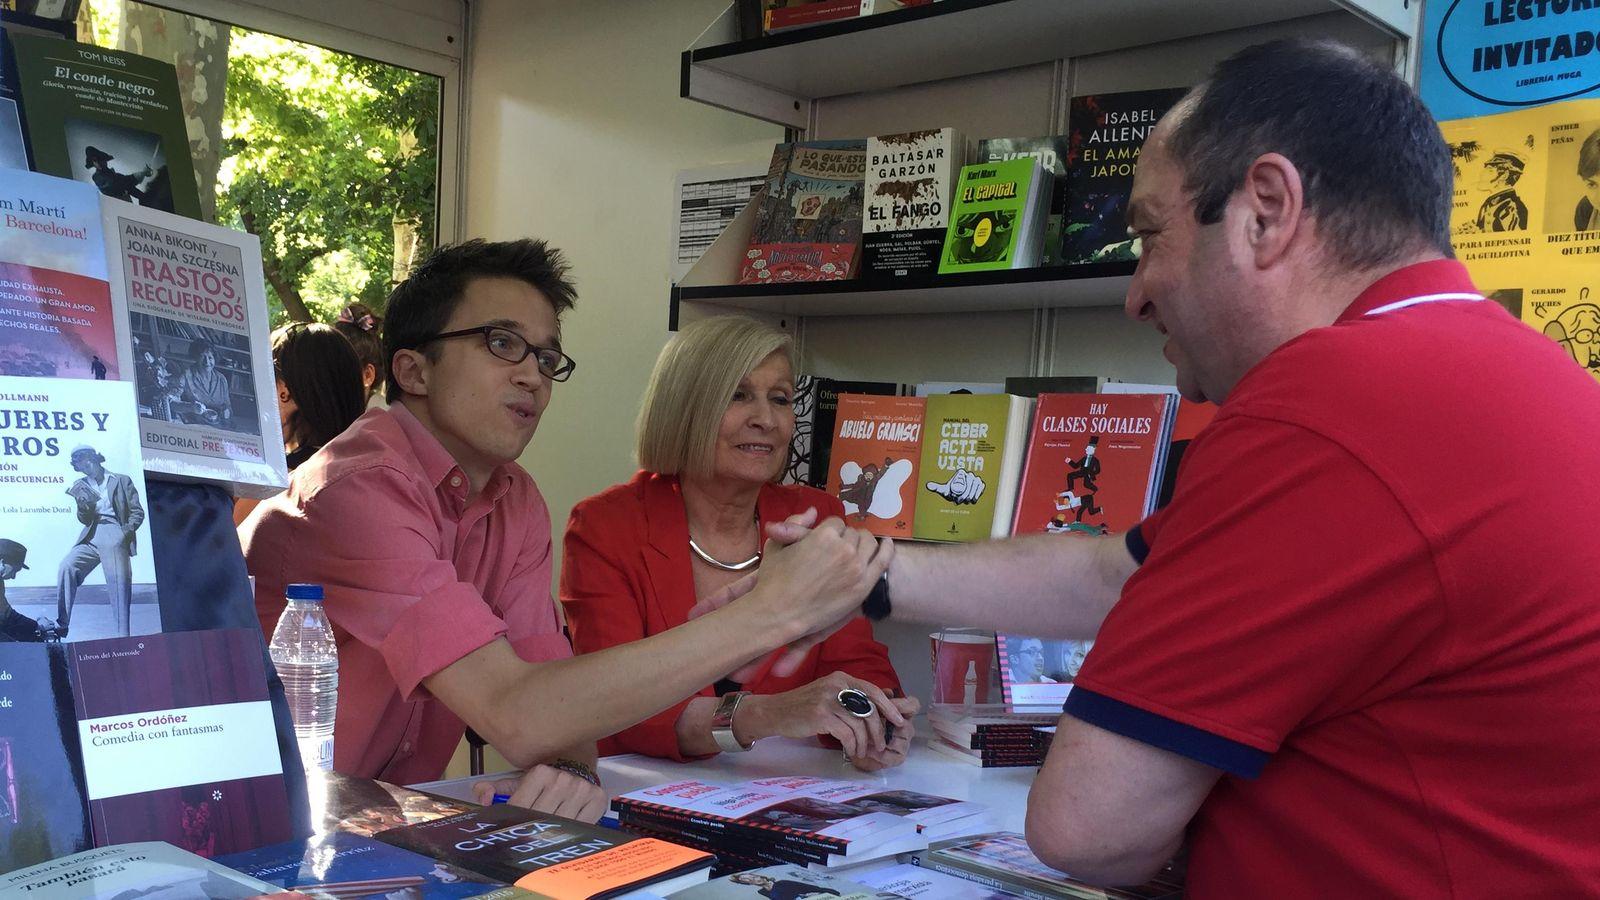 Foto: Íñigo Errejón firmando ejemplares de 'Construir pueblo' en la Feria del Libro, ayer (P.C.)